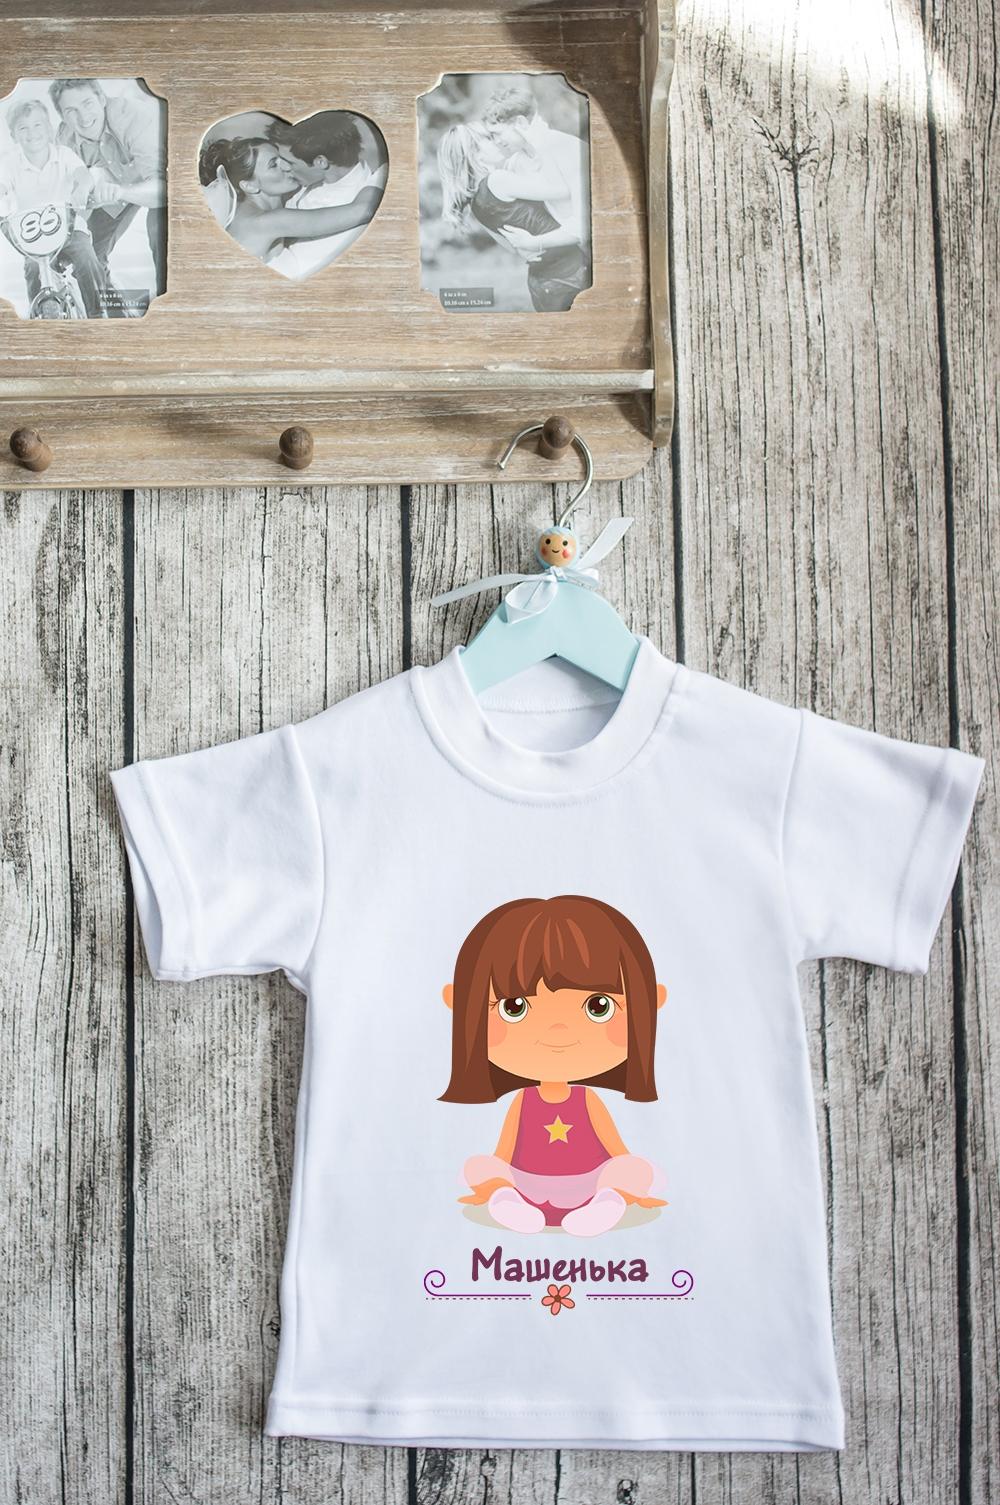 Футболка детская с вашим текстом Маленькая модницаПодарки в детский сад<br>100% хлопок, белая, с нанесением текста. Товар является маломерным<br>